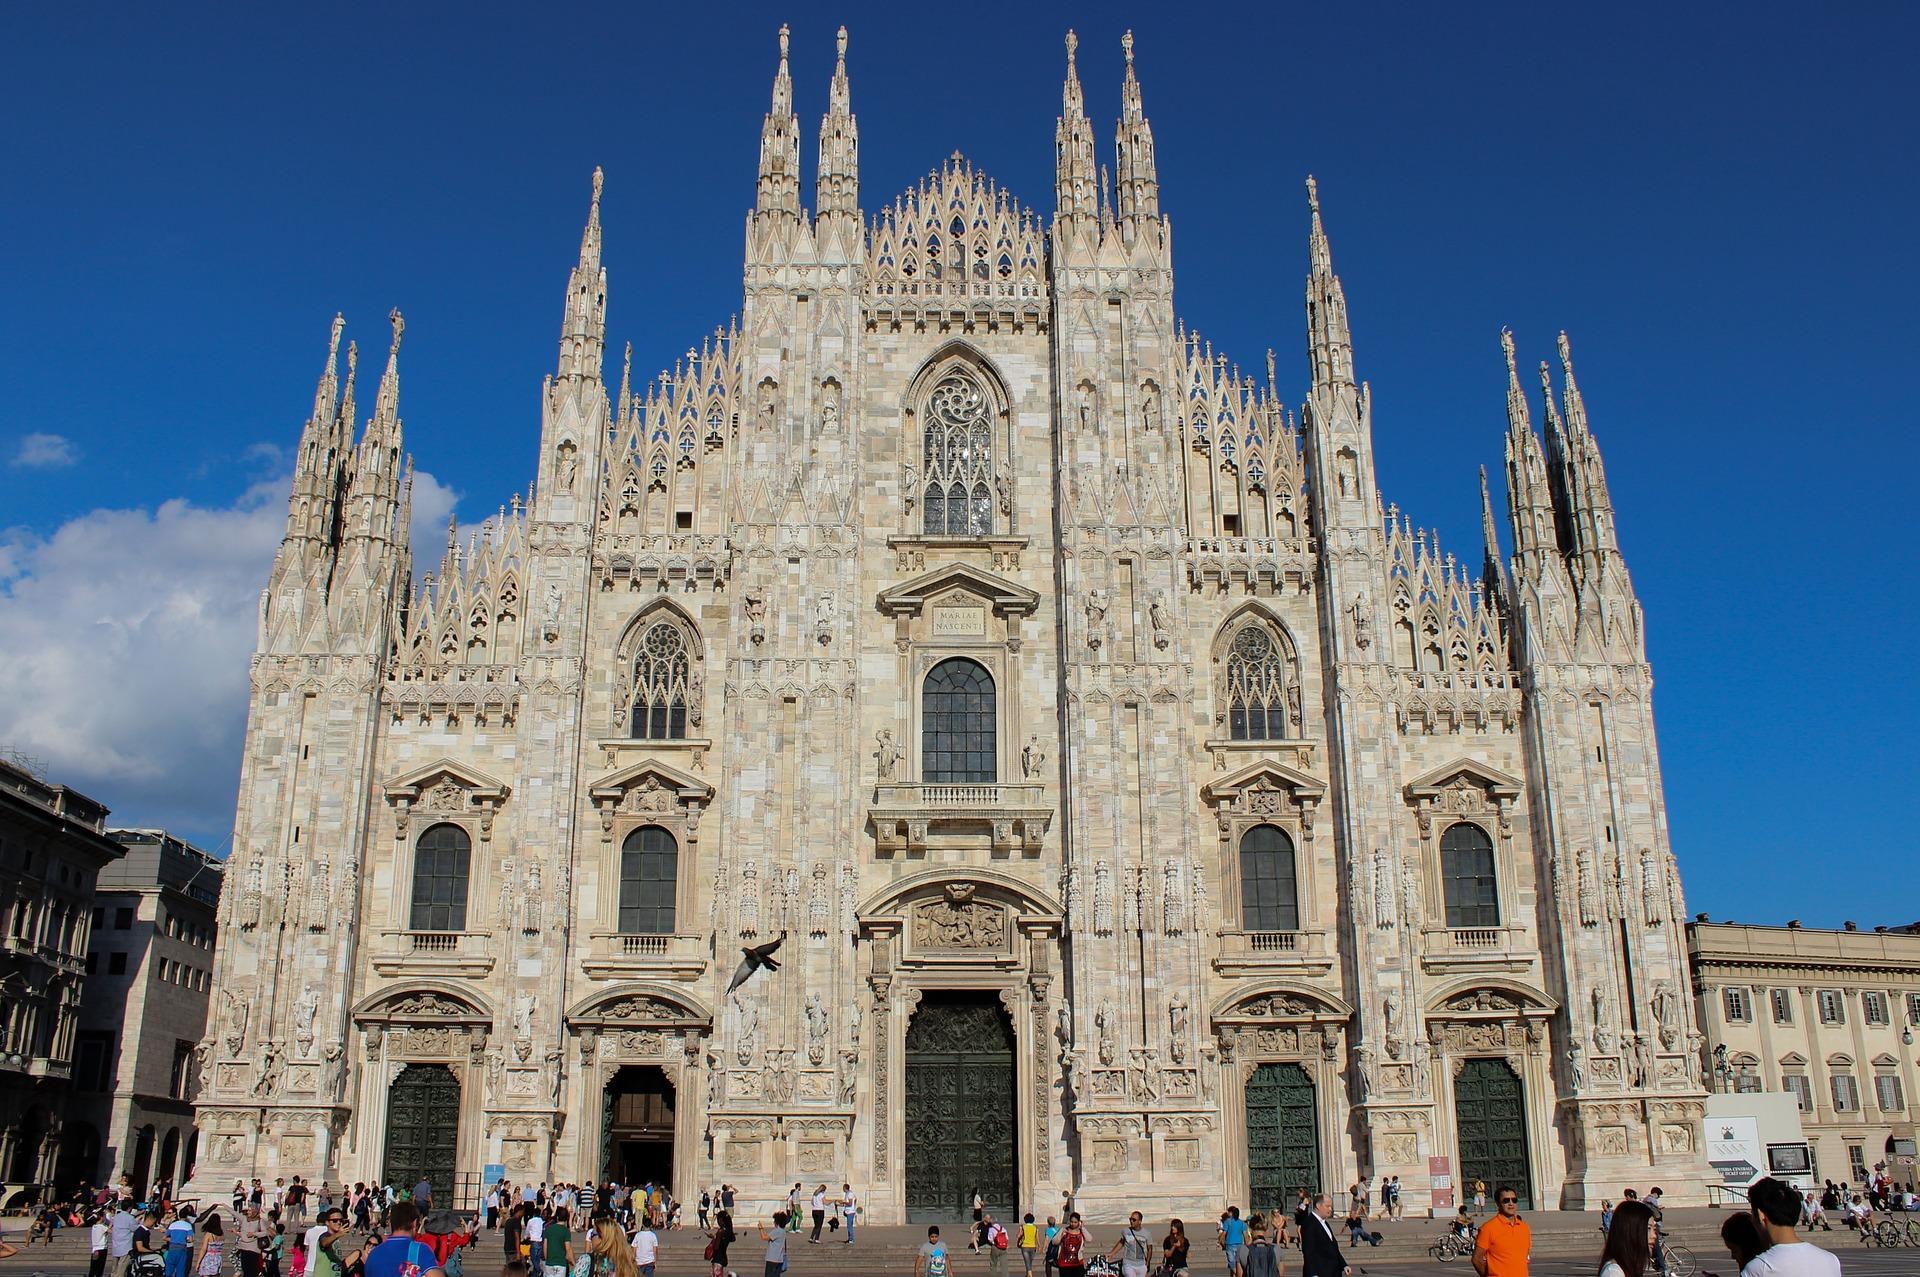 6. Milan